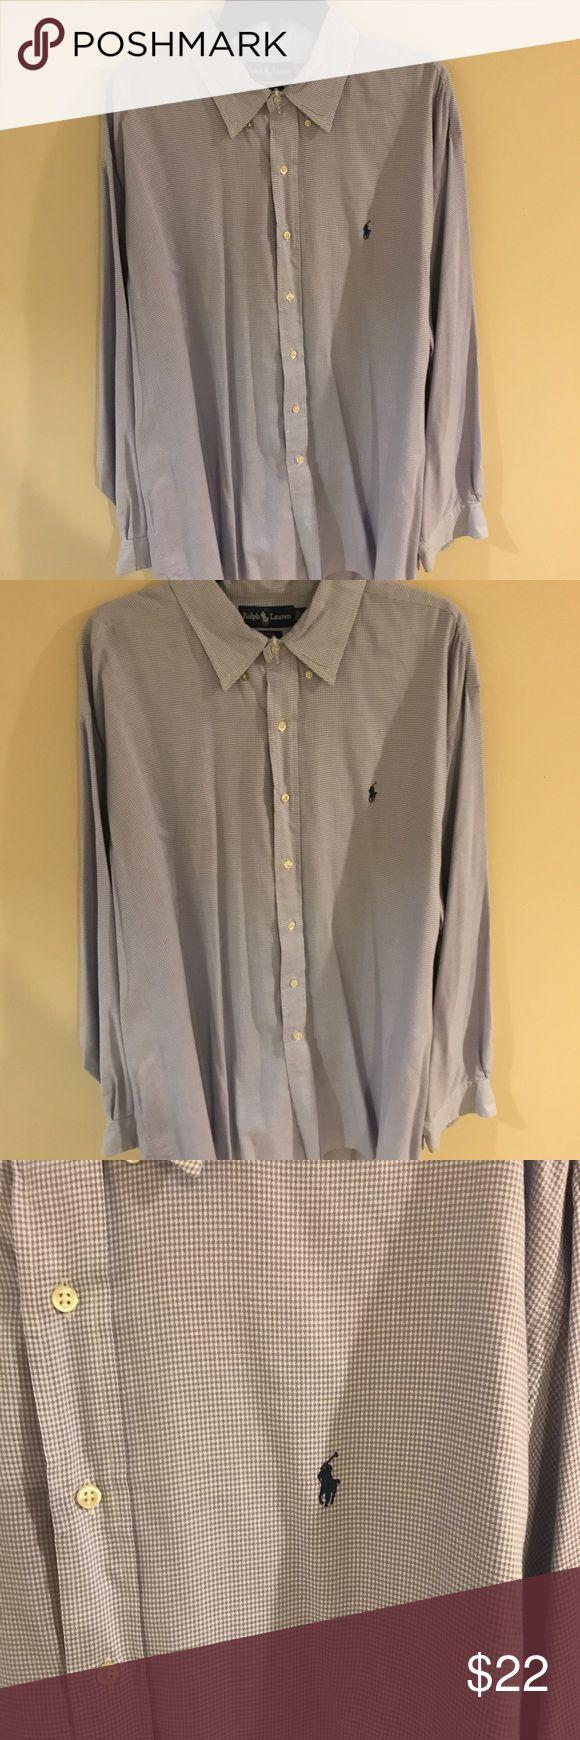 Men's XXL Ralph Lauren Polo/Dress shirt Men's XXL Ralph Lauren polo shirt is pre-owned but it is still in very good condition. Polo by Ralph Lauren Shirts Dress Shirts